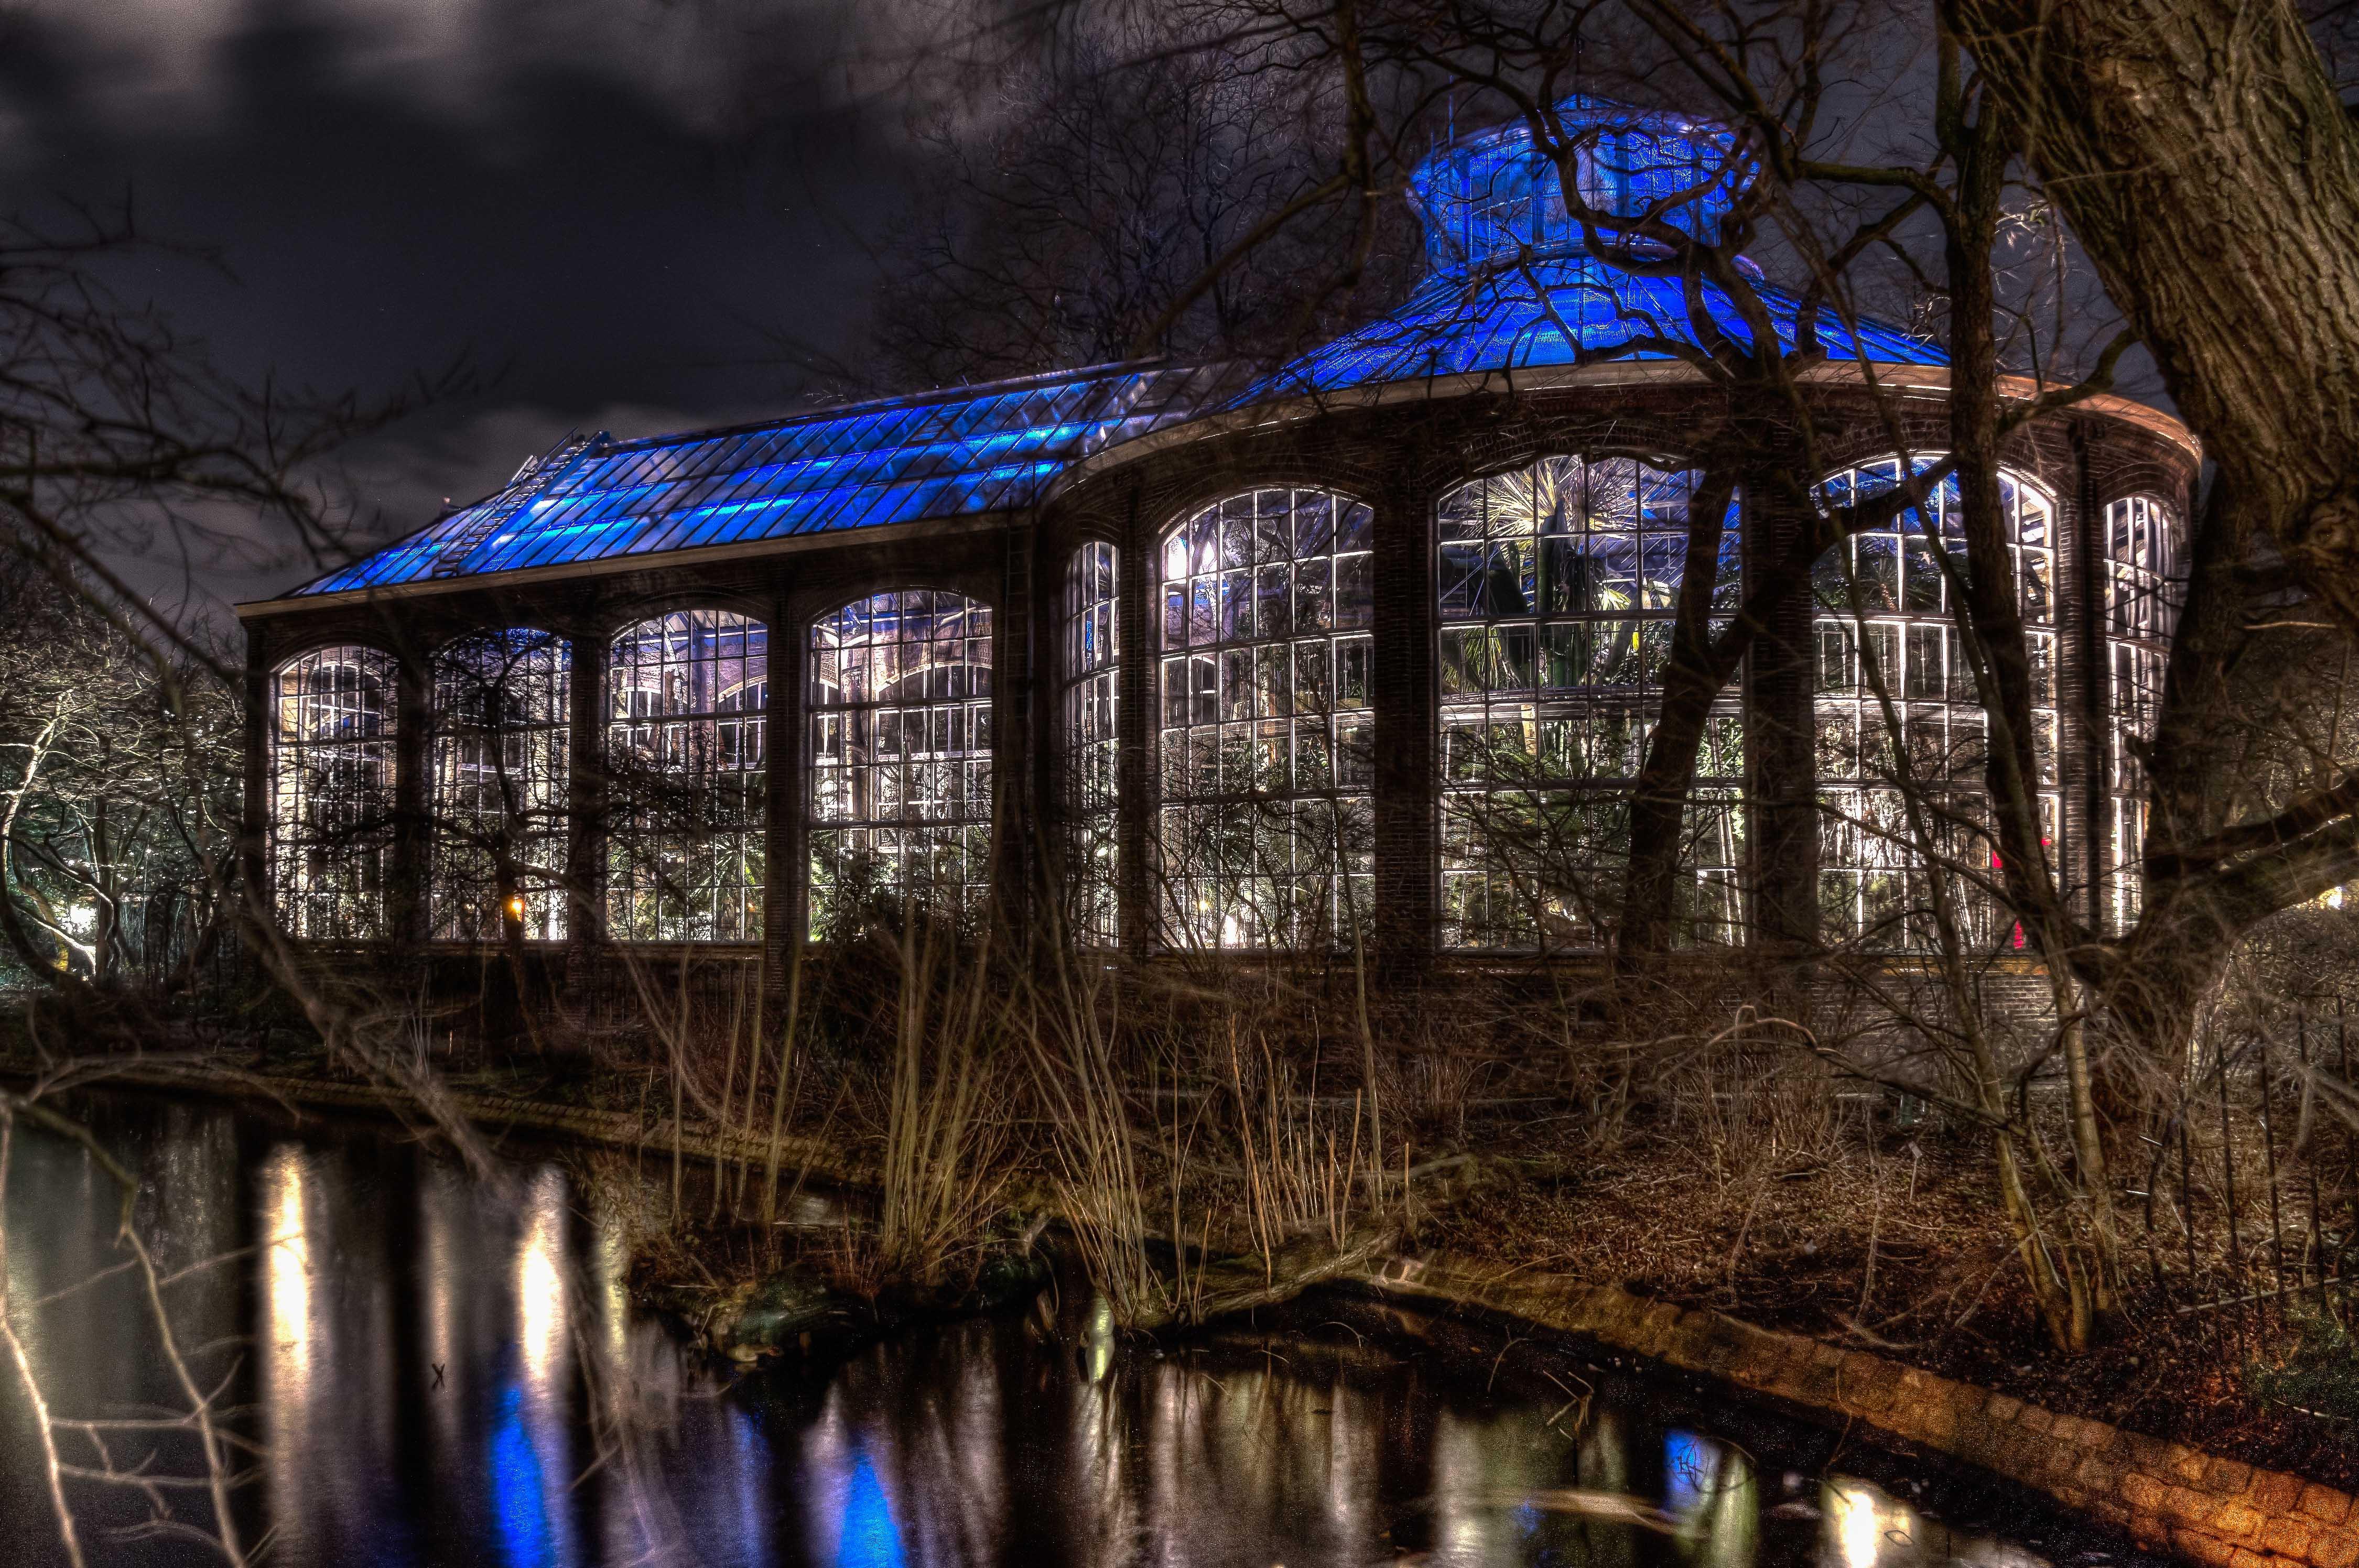 Hortus Botanicus, Amsterdam, Architecture, Botanic, HDR, HQ Photo